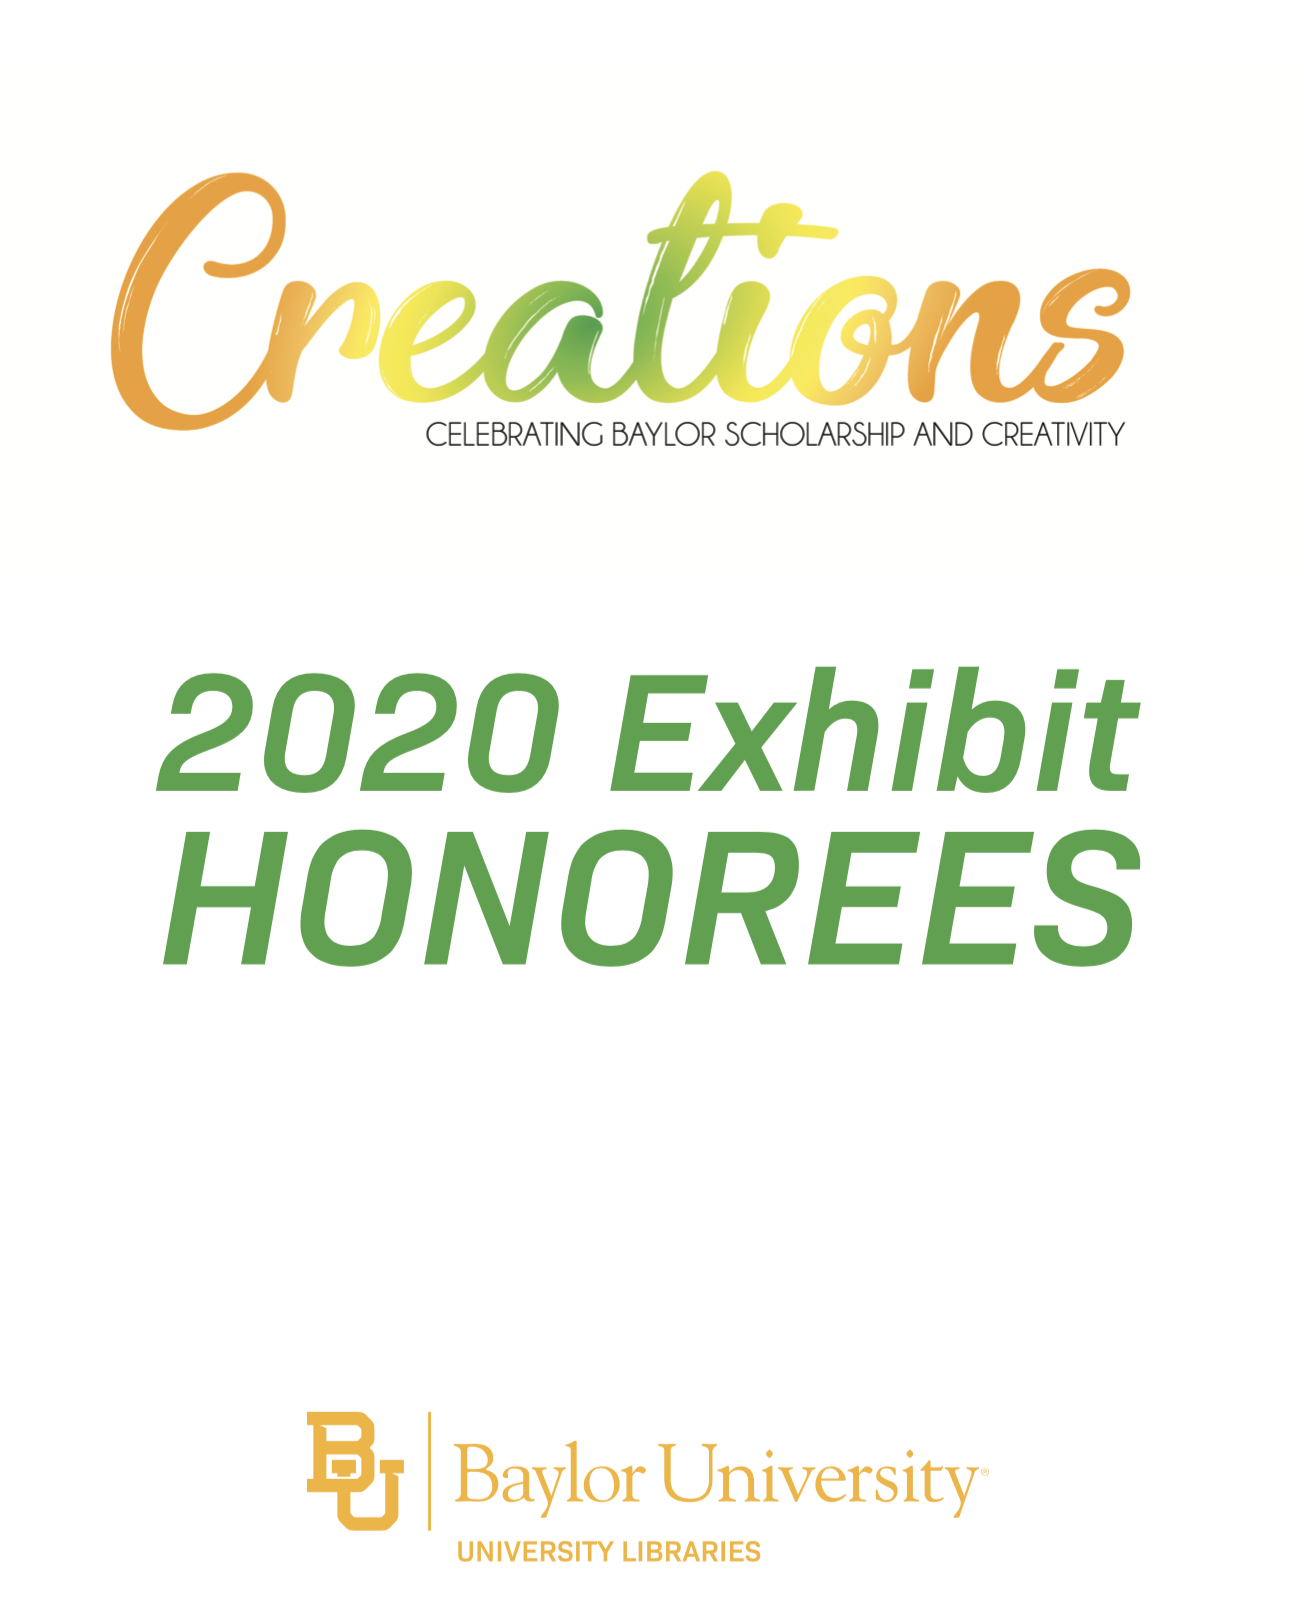 Creations 2020 Exhibit Honorees